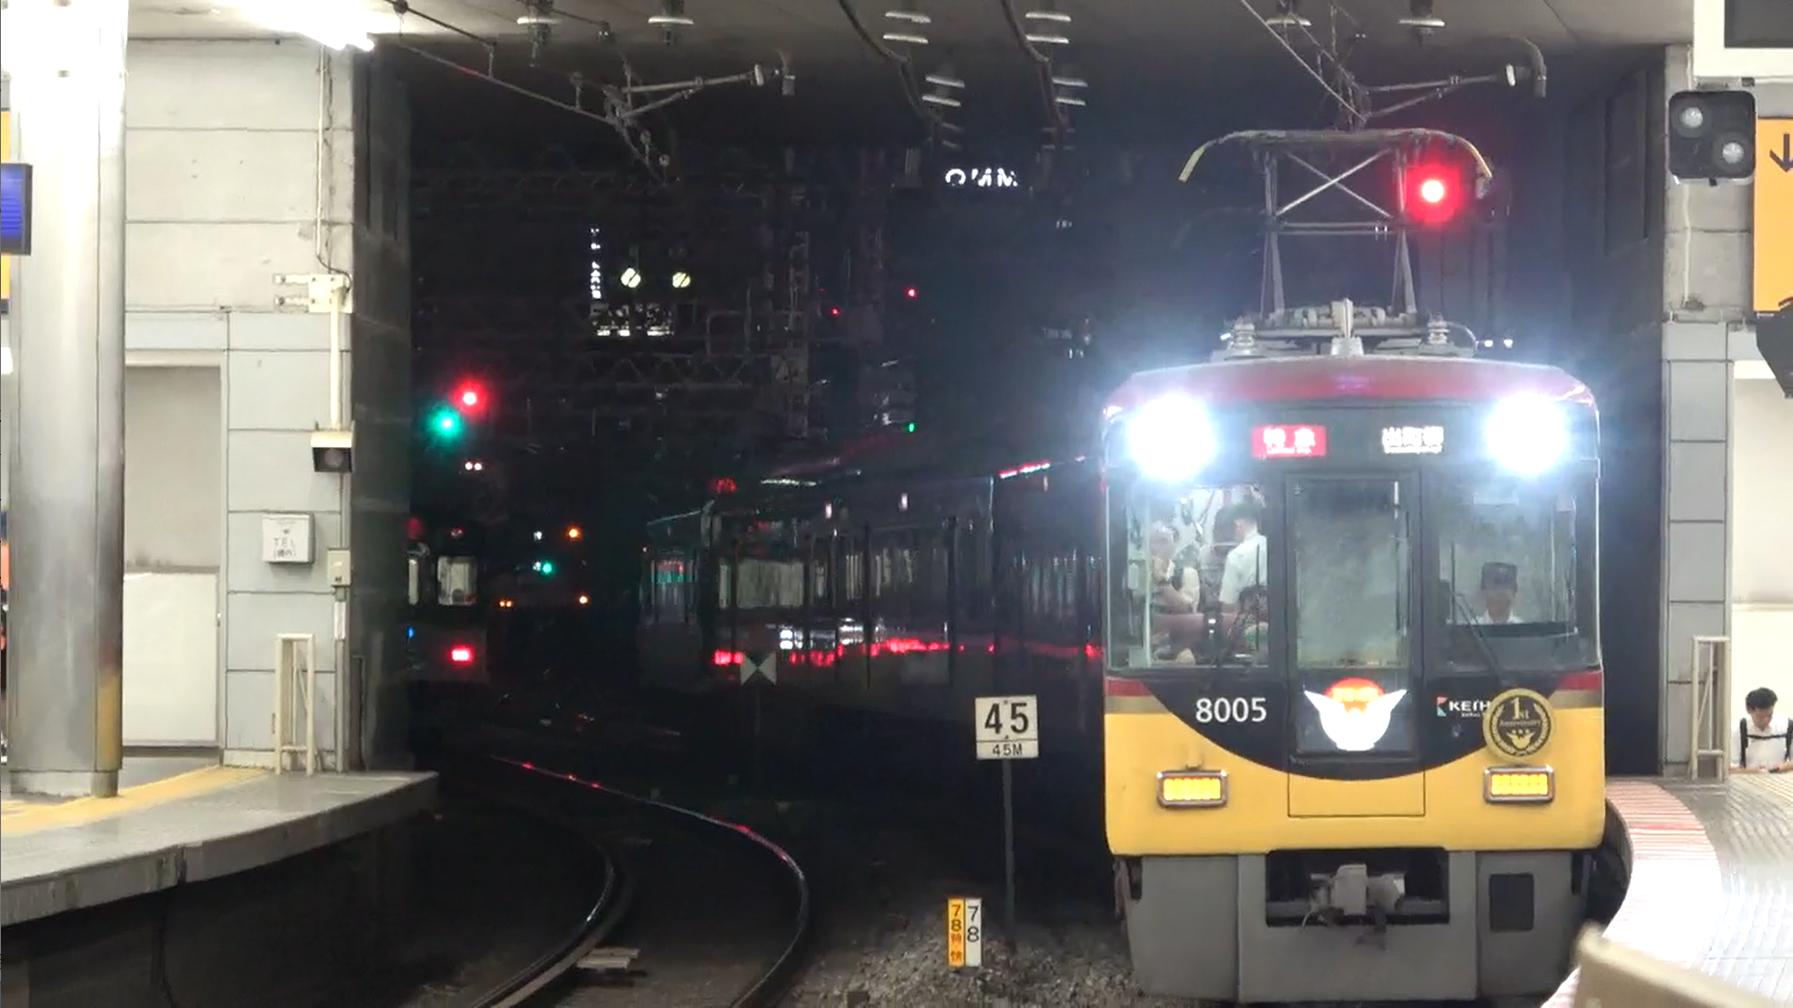 人気の京阪版グリーン車(プレミアムカー)に乗ってきた 料金、設備、乗り方と注意点